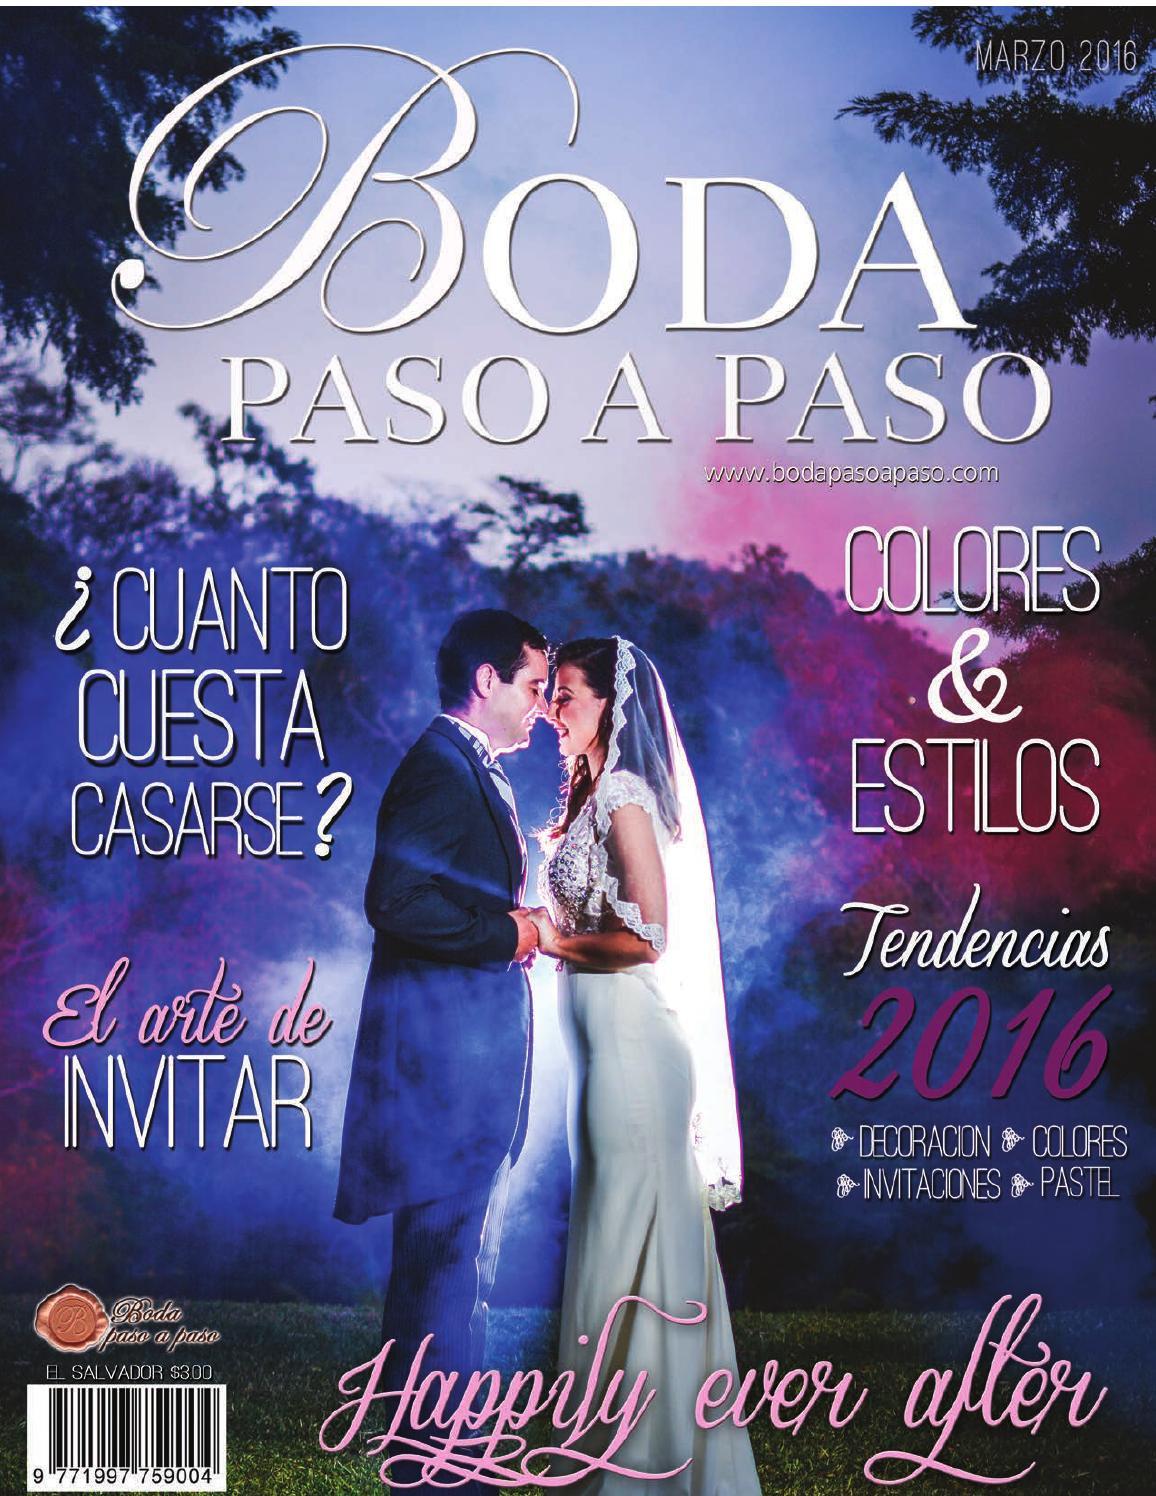 Revista Boda Paso a Paso Edicion Marzo 2016 by Boda Paso a Paso - issuu